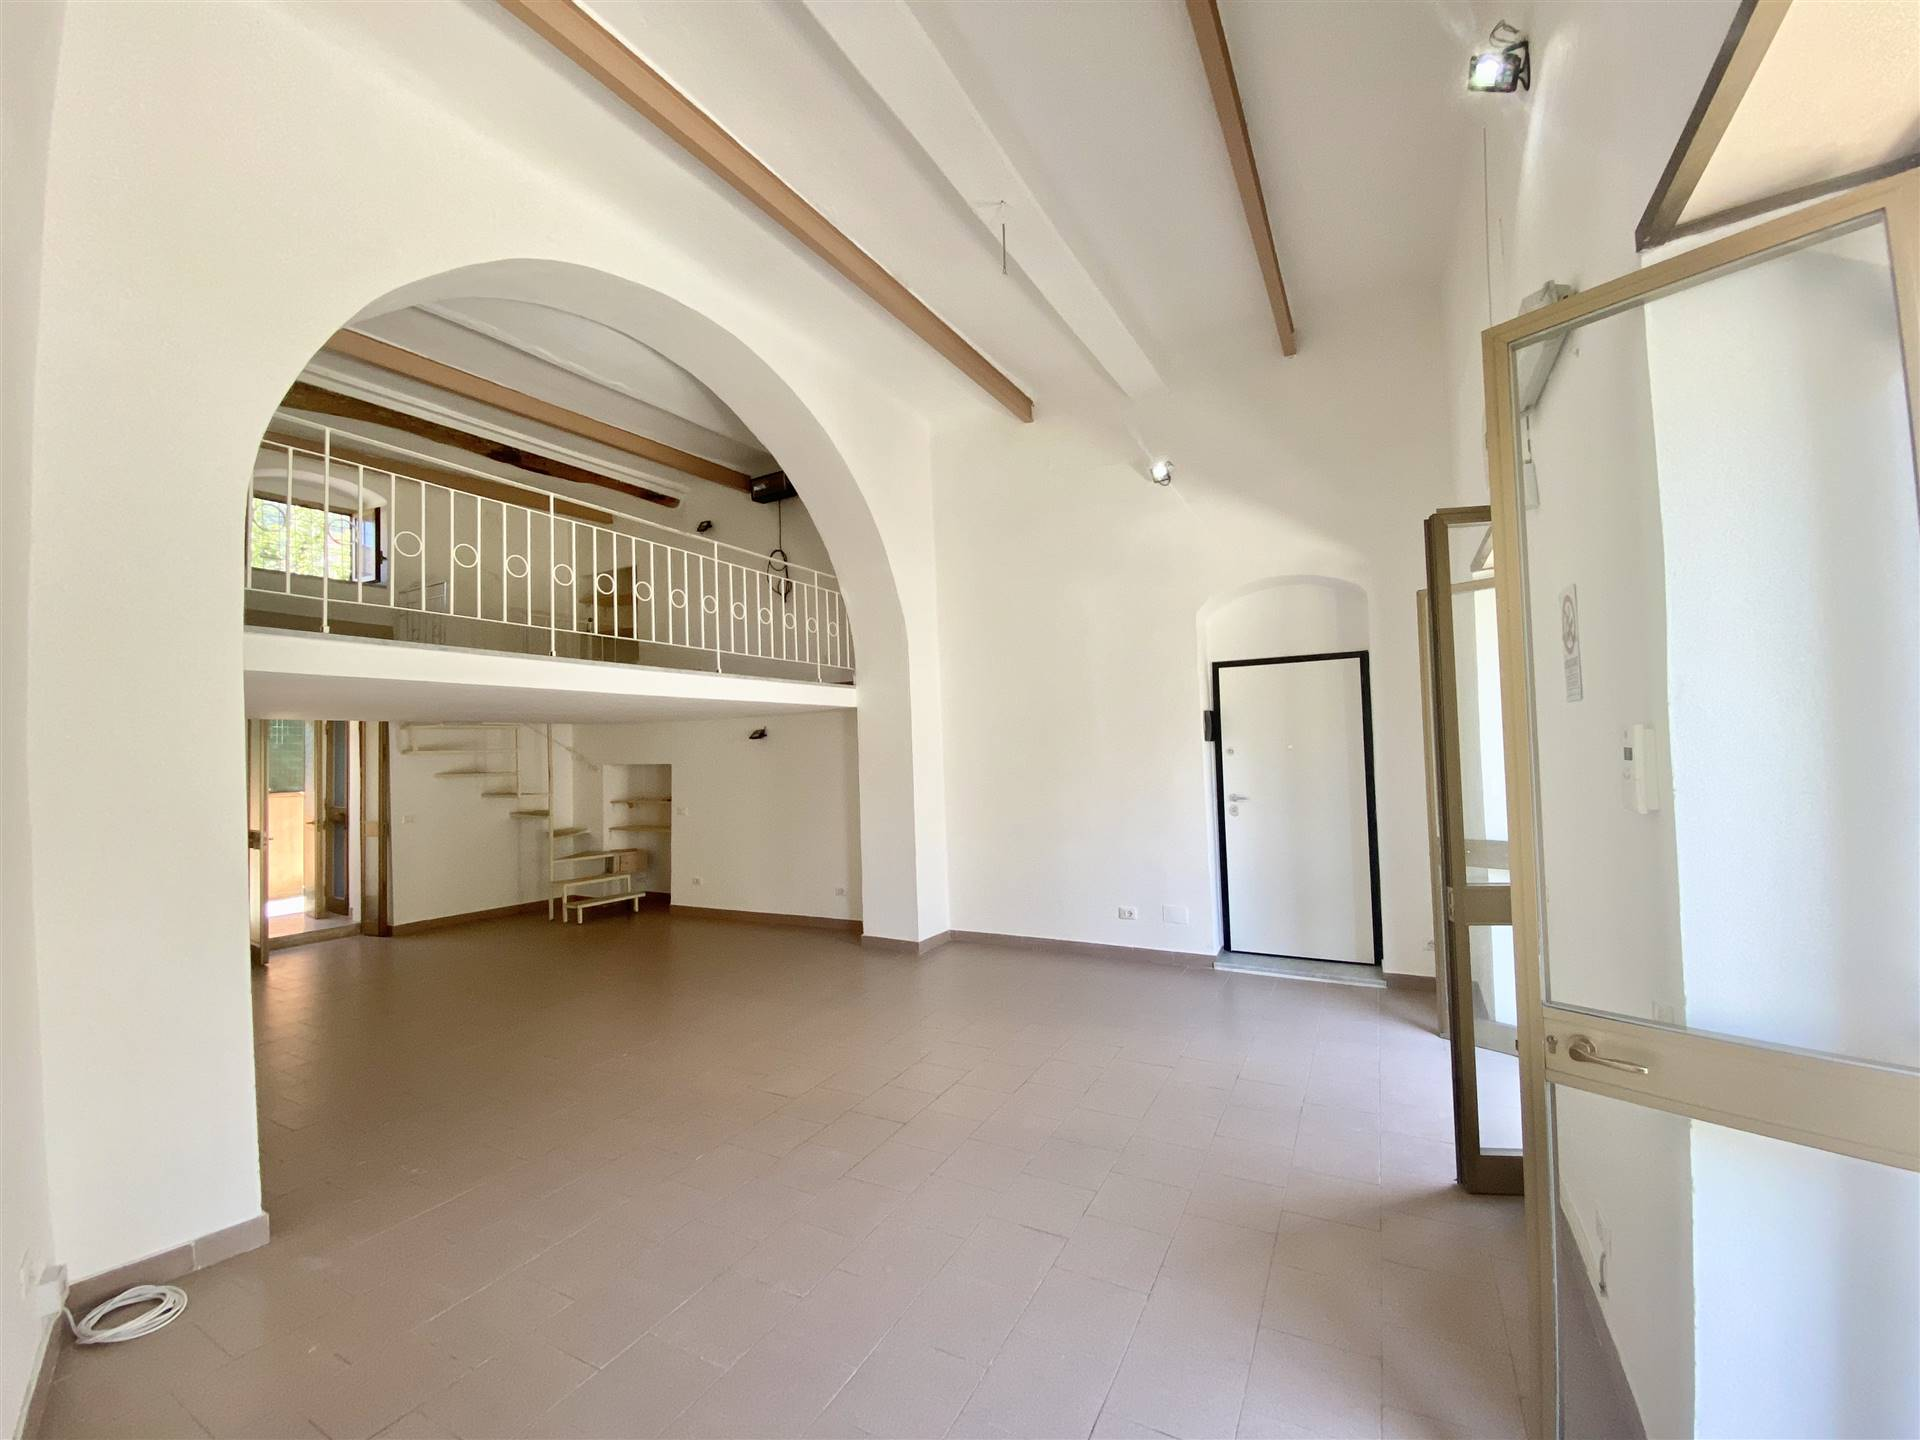 Negozio / Locale in affitto a La Spezia, 2 locali, zona Zona: Rebocco, prezzo € 400 | CambioCasa.it